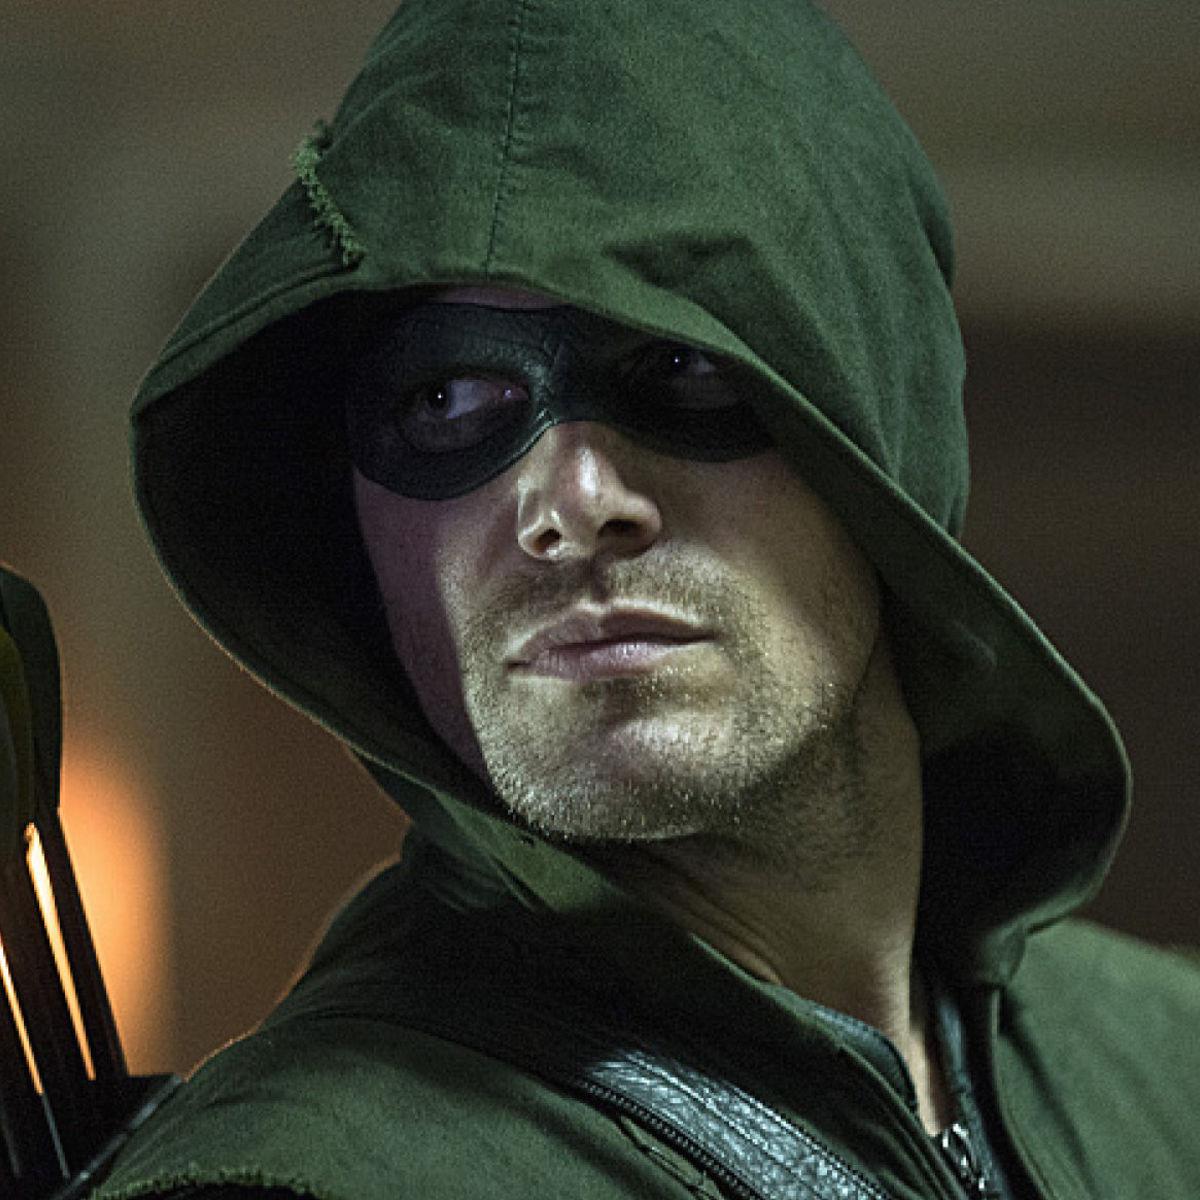 Stephen-Amell-as-Arrow-in-Season-3-Premiere.jpg